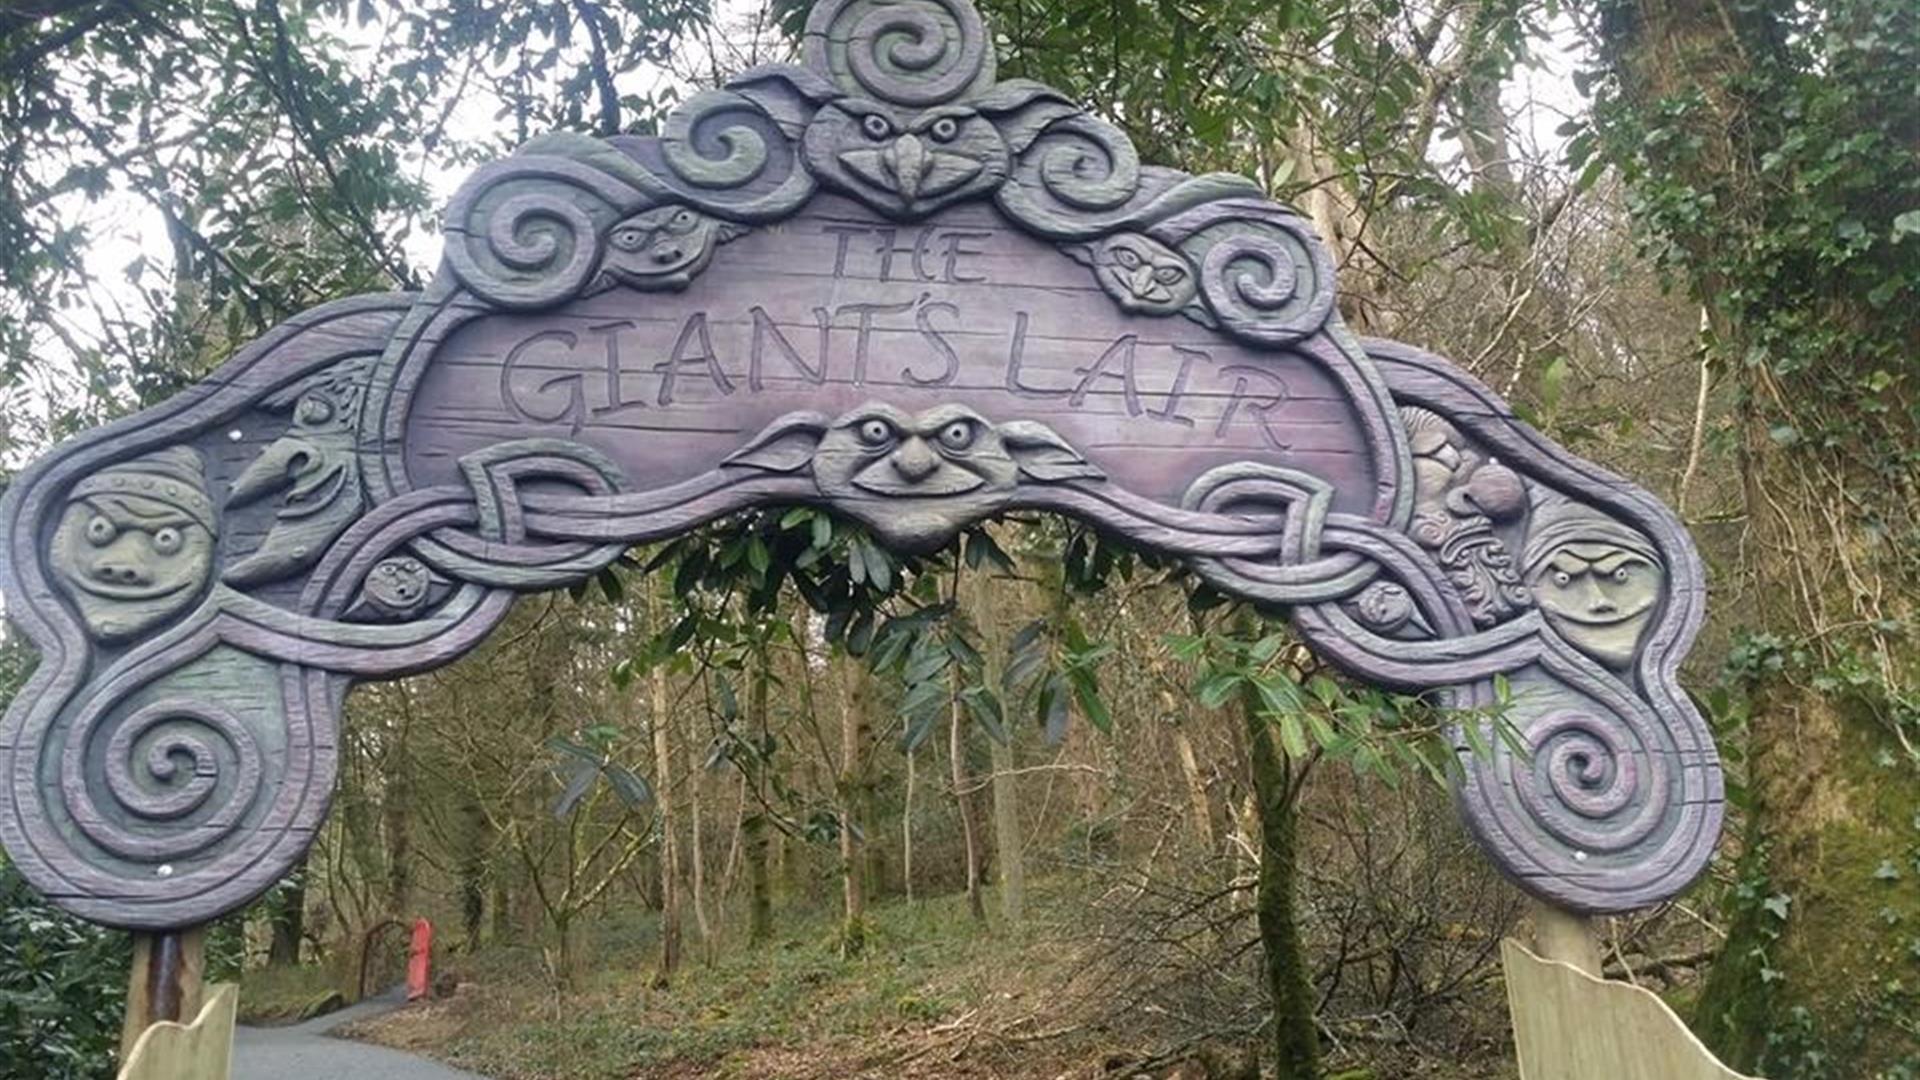 The Giant's Lair Slieve Gullion